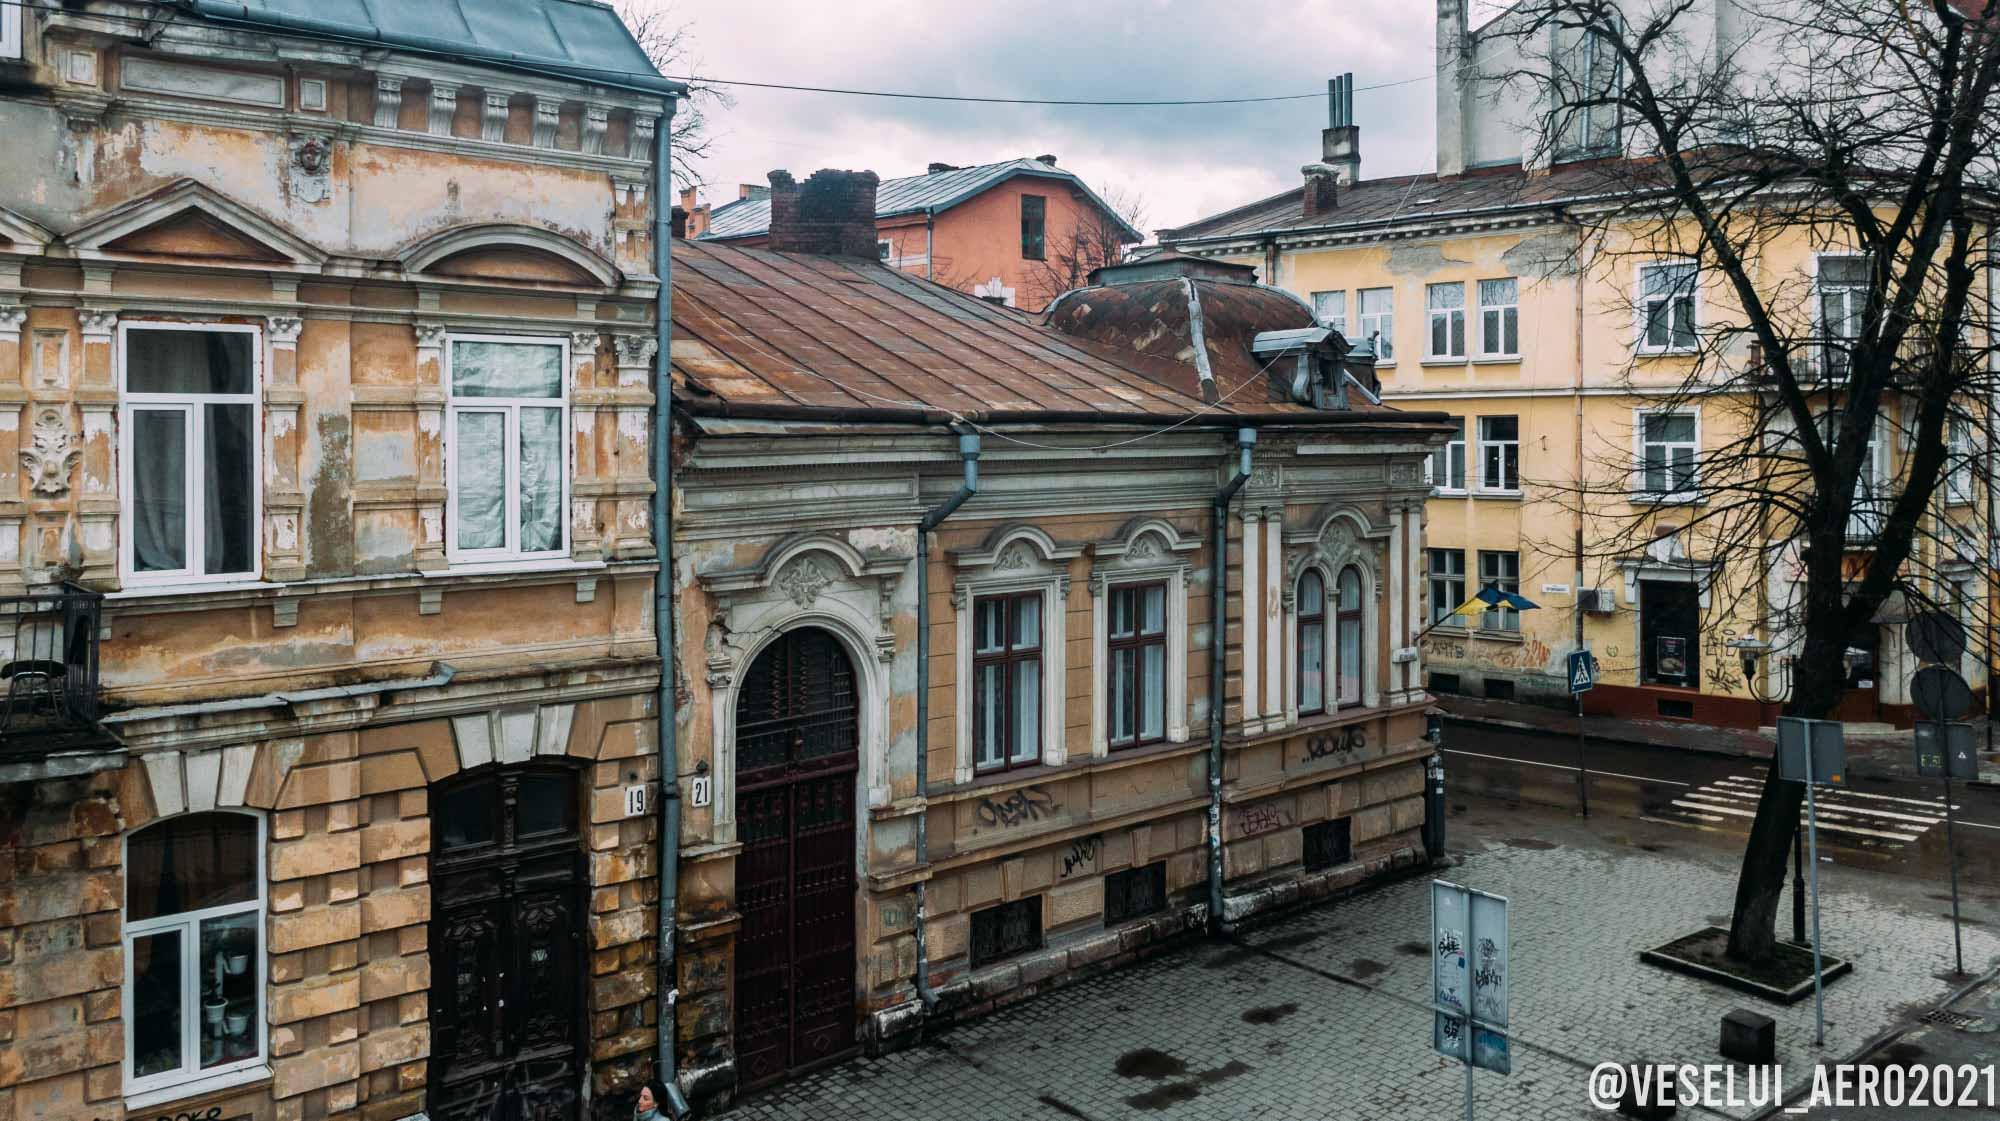 Була одна з найкращих: вулицю Шевченка показали з висоти пташиного польоту (ФОТО)